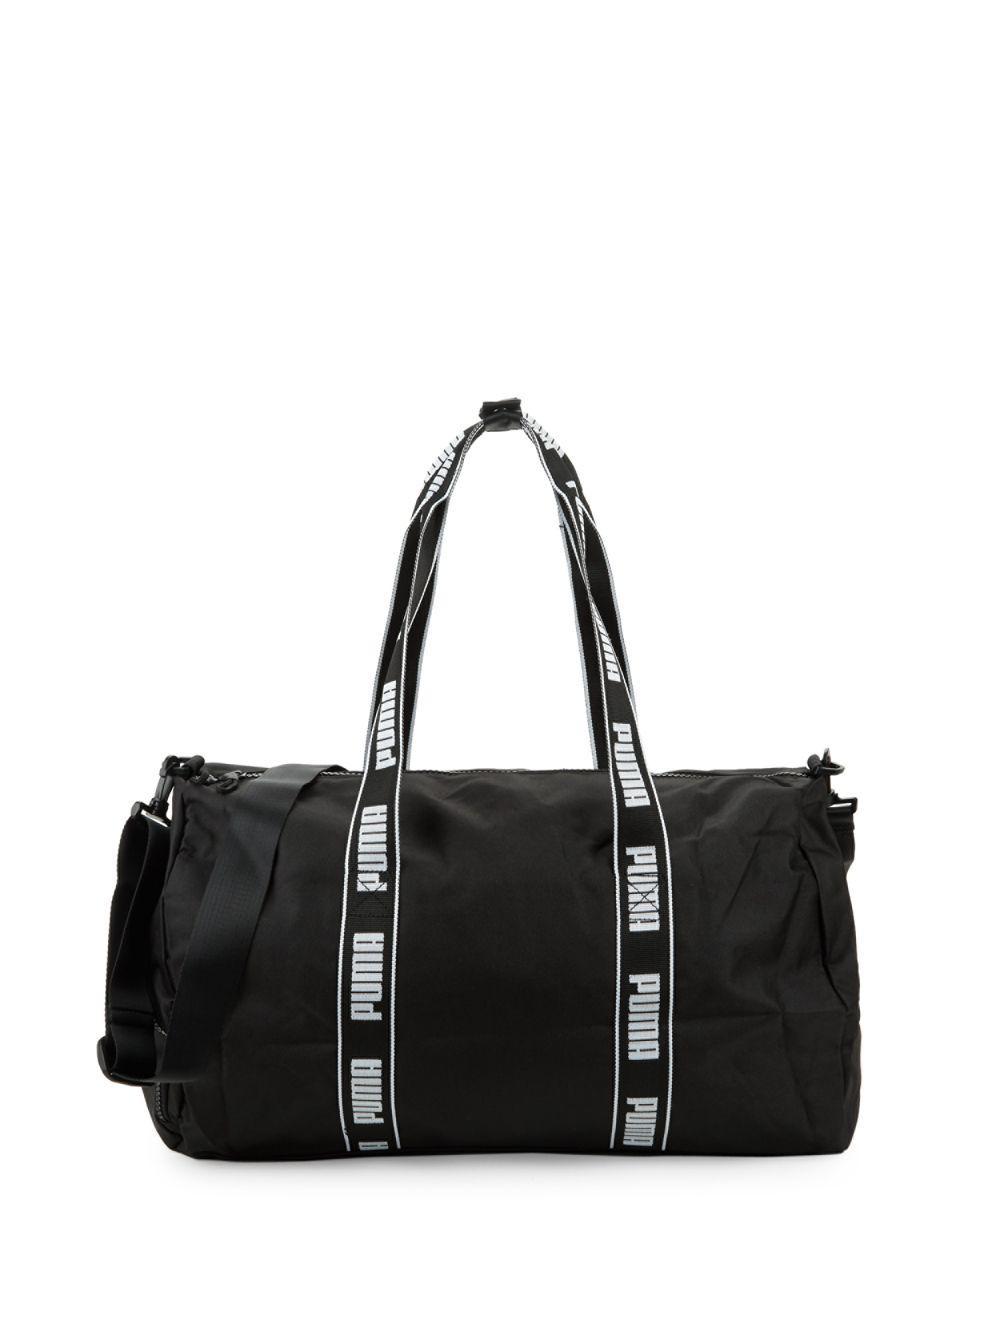 421e2b362c Lyst - PUMA Conveyor Duffel Bag in Black - Save 34%